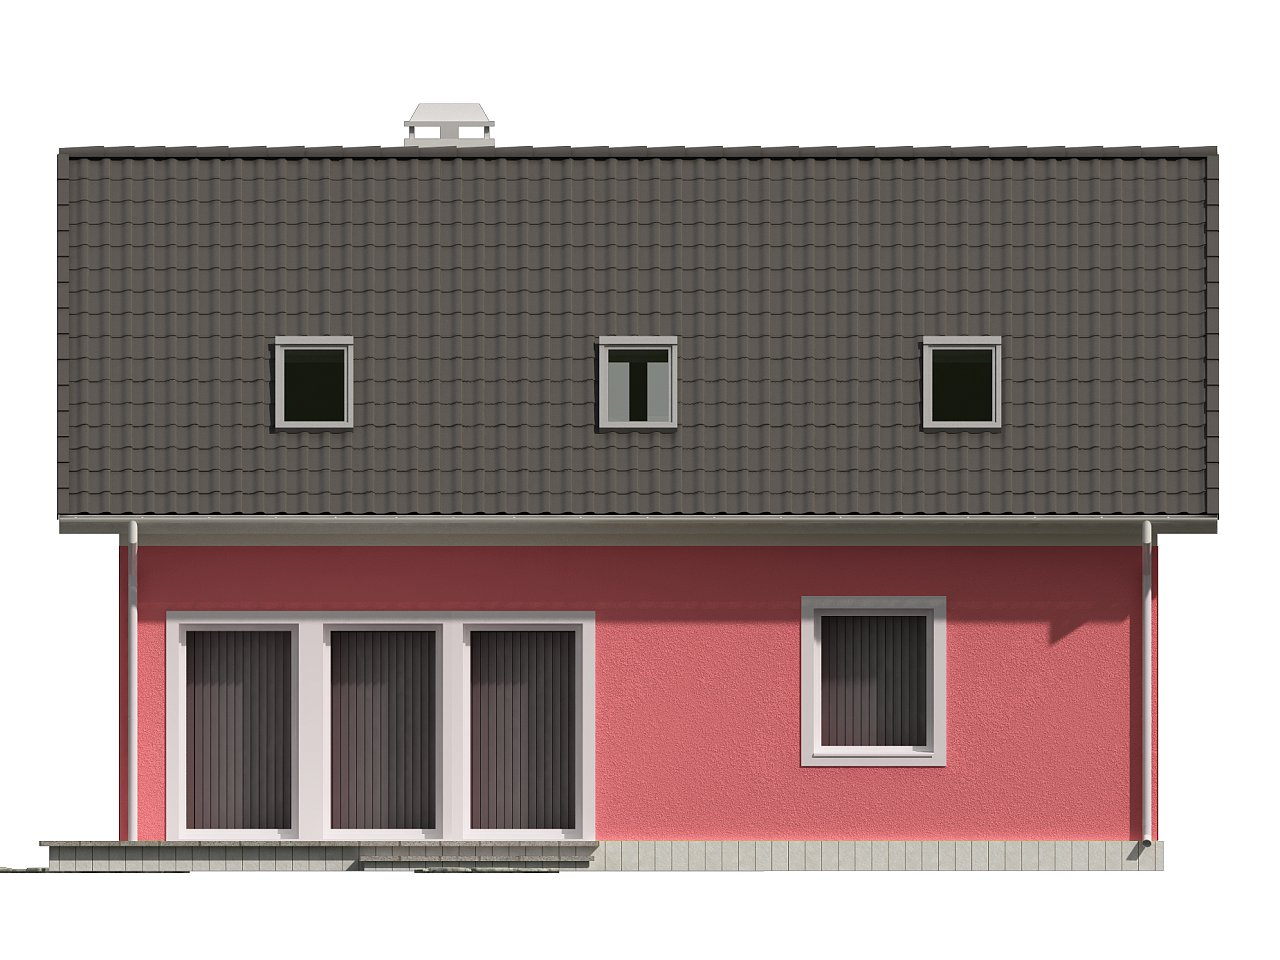 Практичный дом для небольшого участка, простой в строительстве, дешевый в эксплуатации. 22